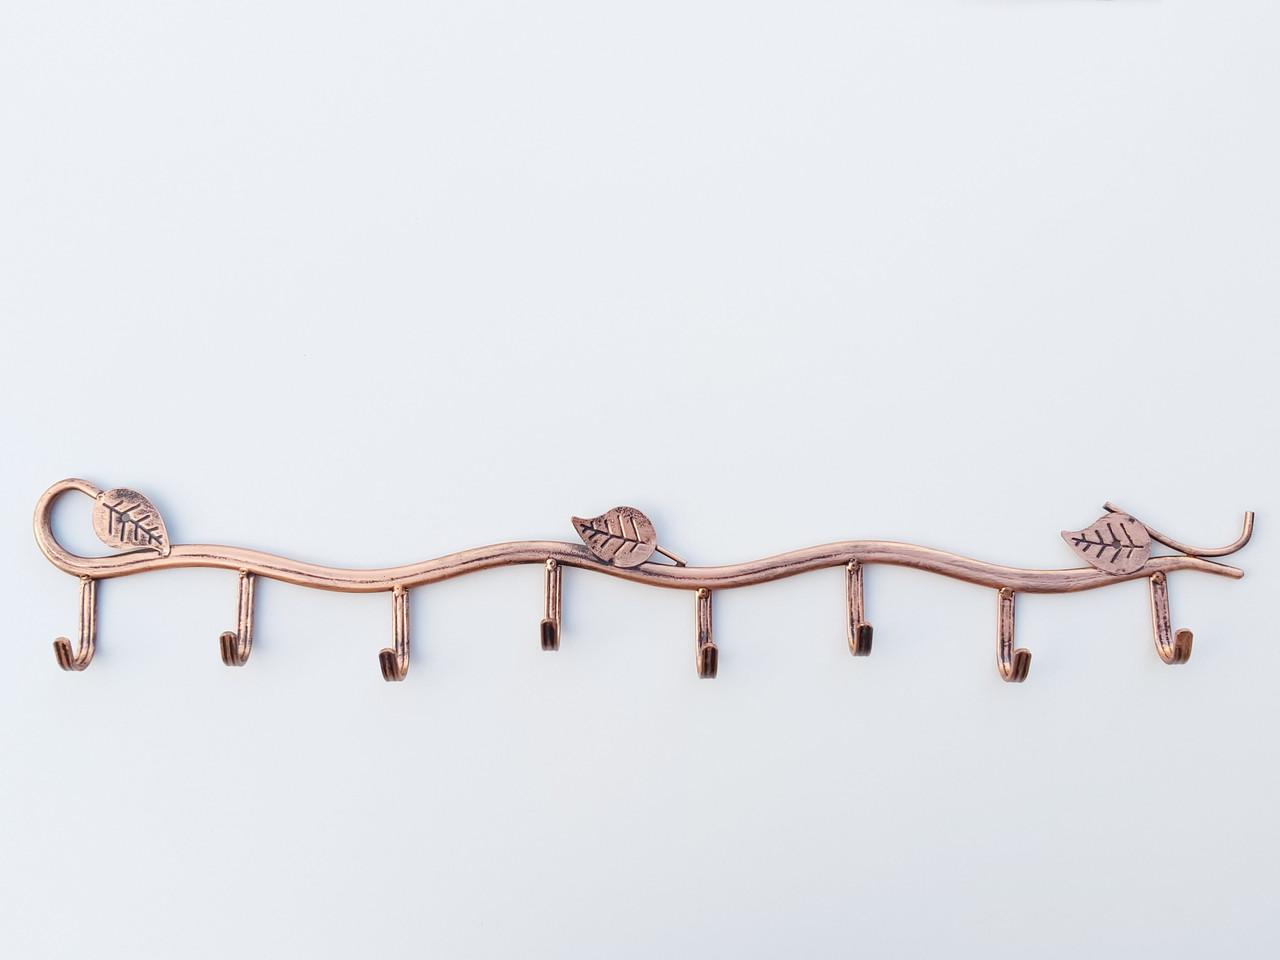 Длина 63,5 см. Вешалка ВНЛ8  настенная металл бронзового цвета в виде лозына 8крючков